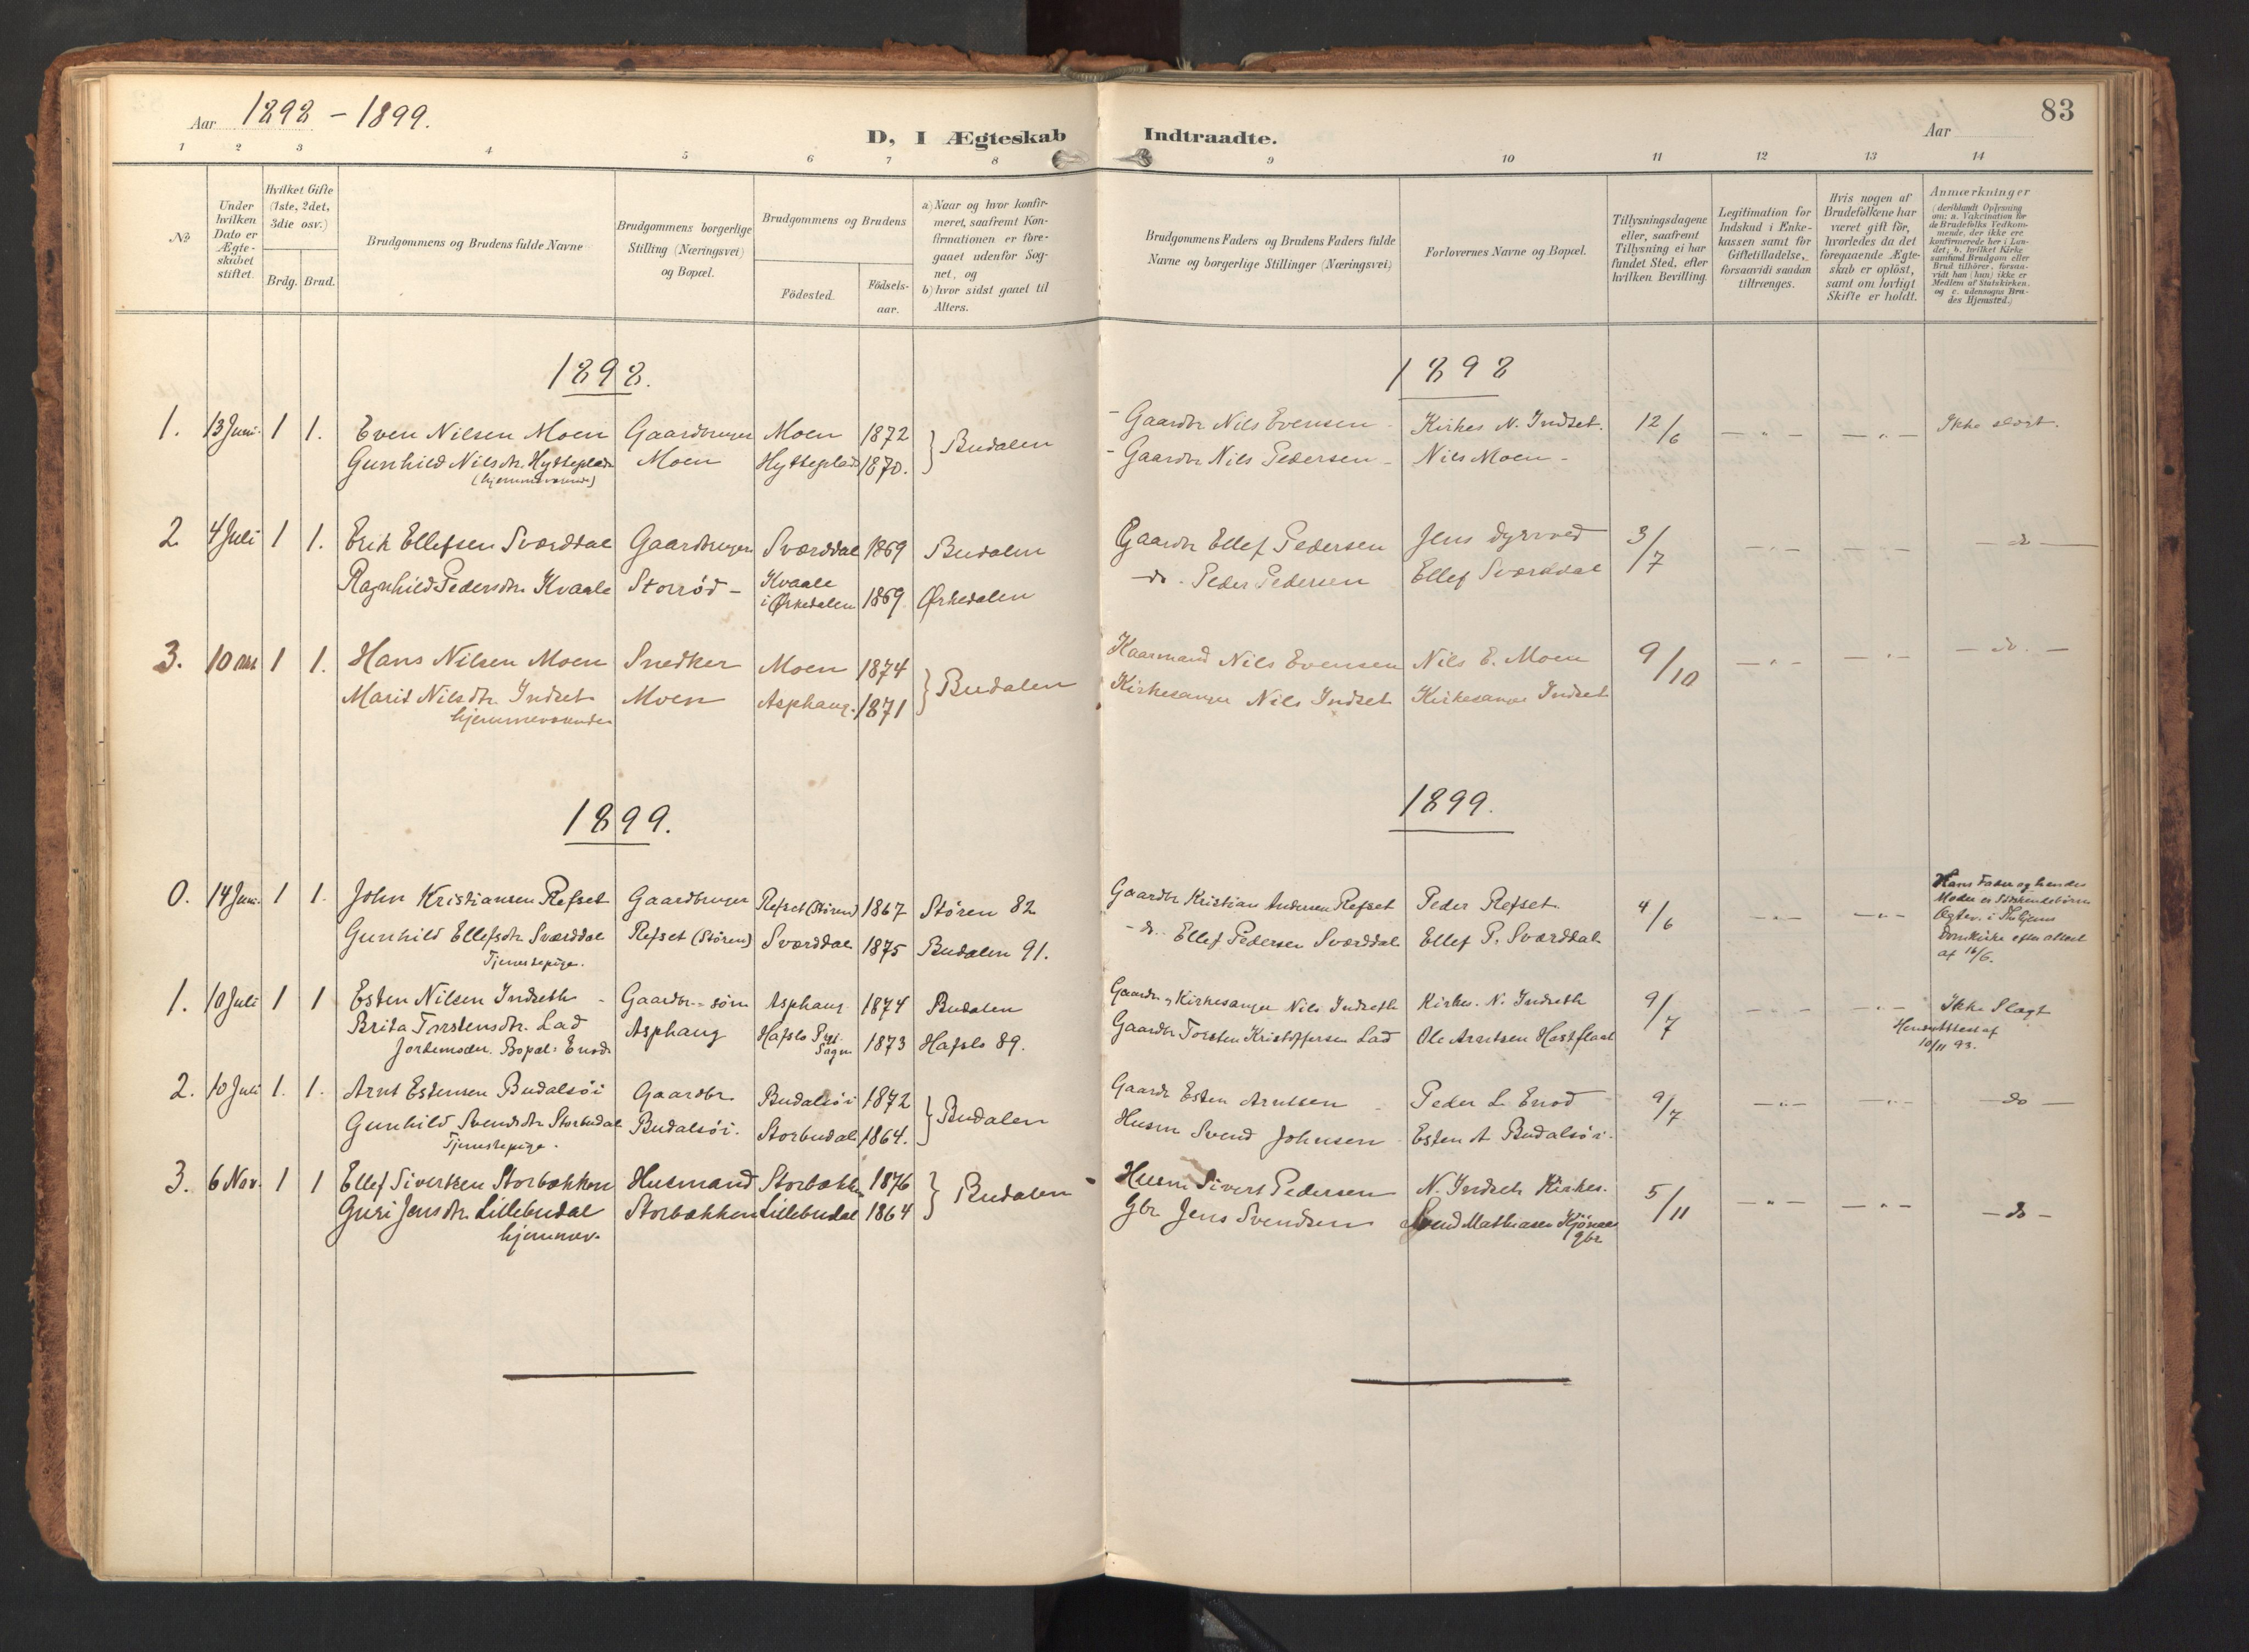 SAT, Ministerialprotokoller, klokkerbøker og fødselsregistre - Sør-Trøndelag, 690/L1050: Ministerialbok nr. 690A01, 1889-1929, s. 83